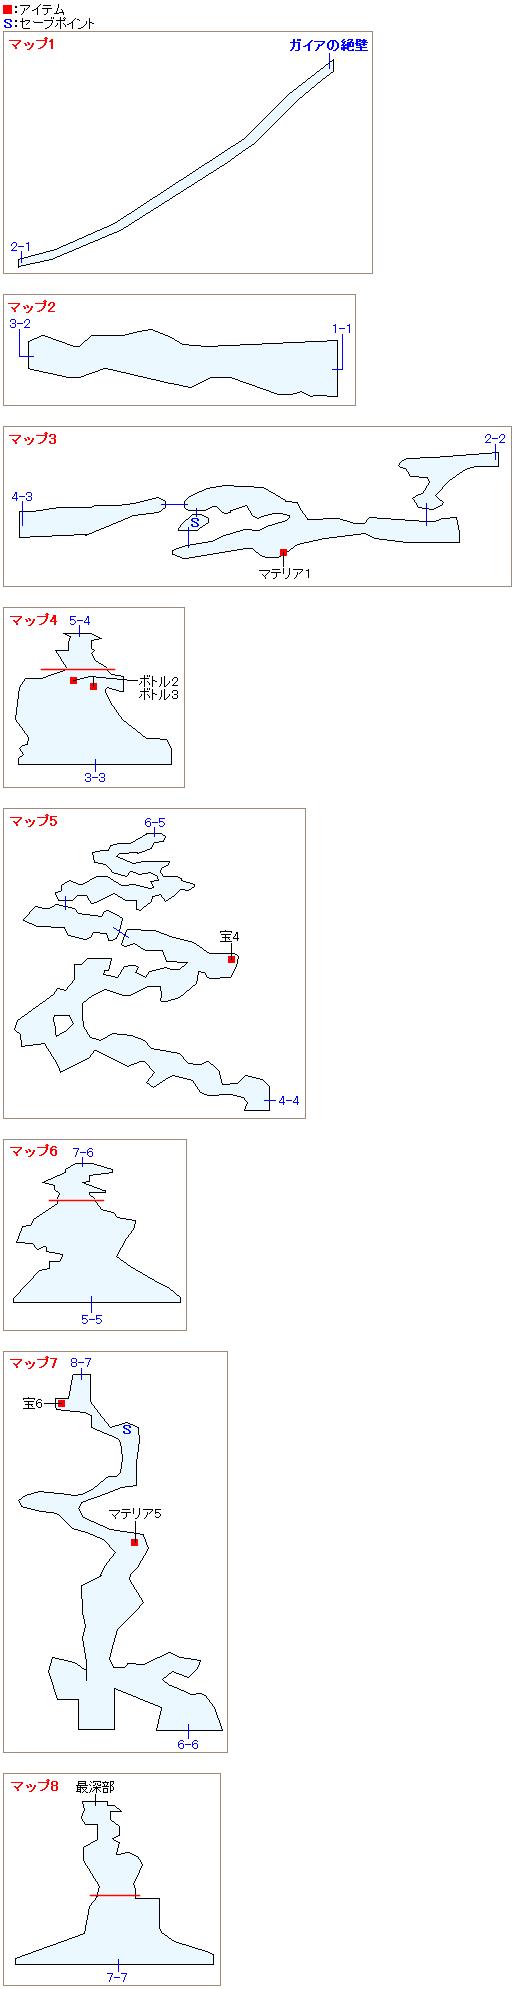 竜巻の迷宮のマップ